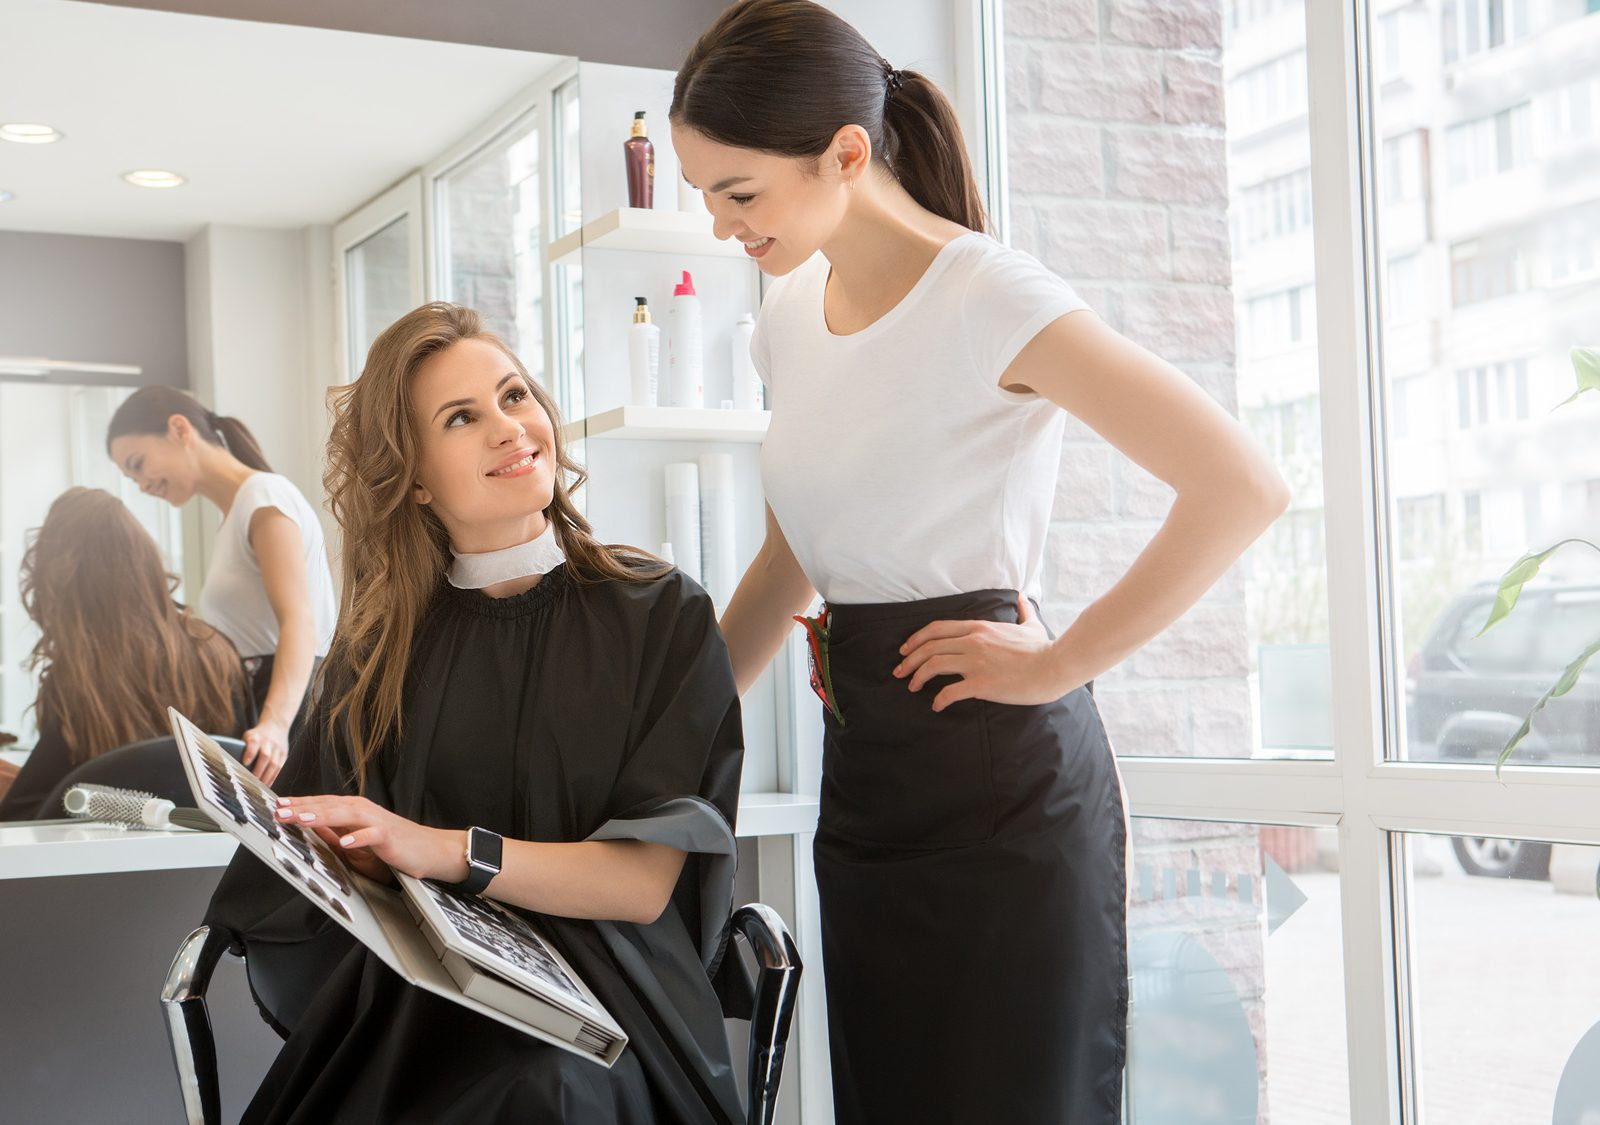 えっ、美容院には髪を洗ってから行くべきなの?サロンの常識5つ